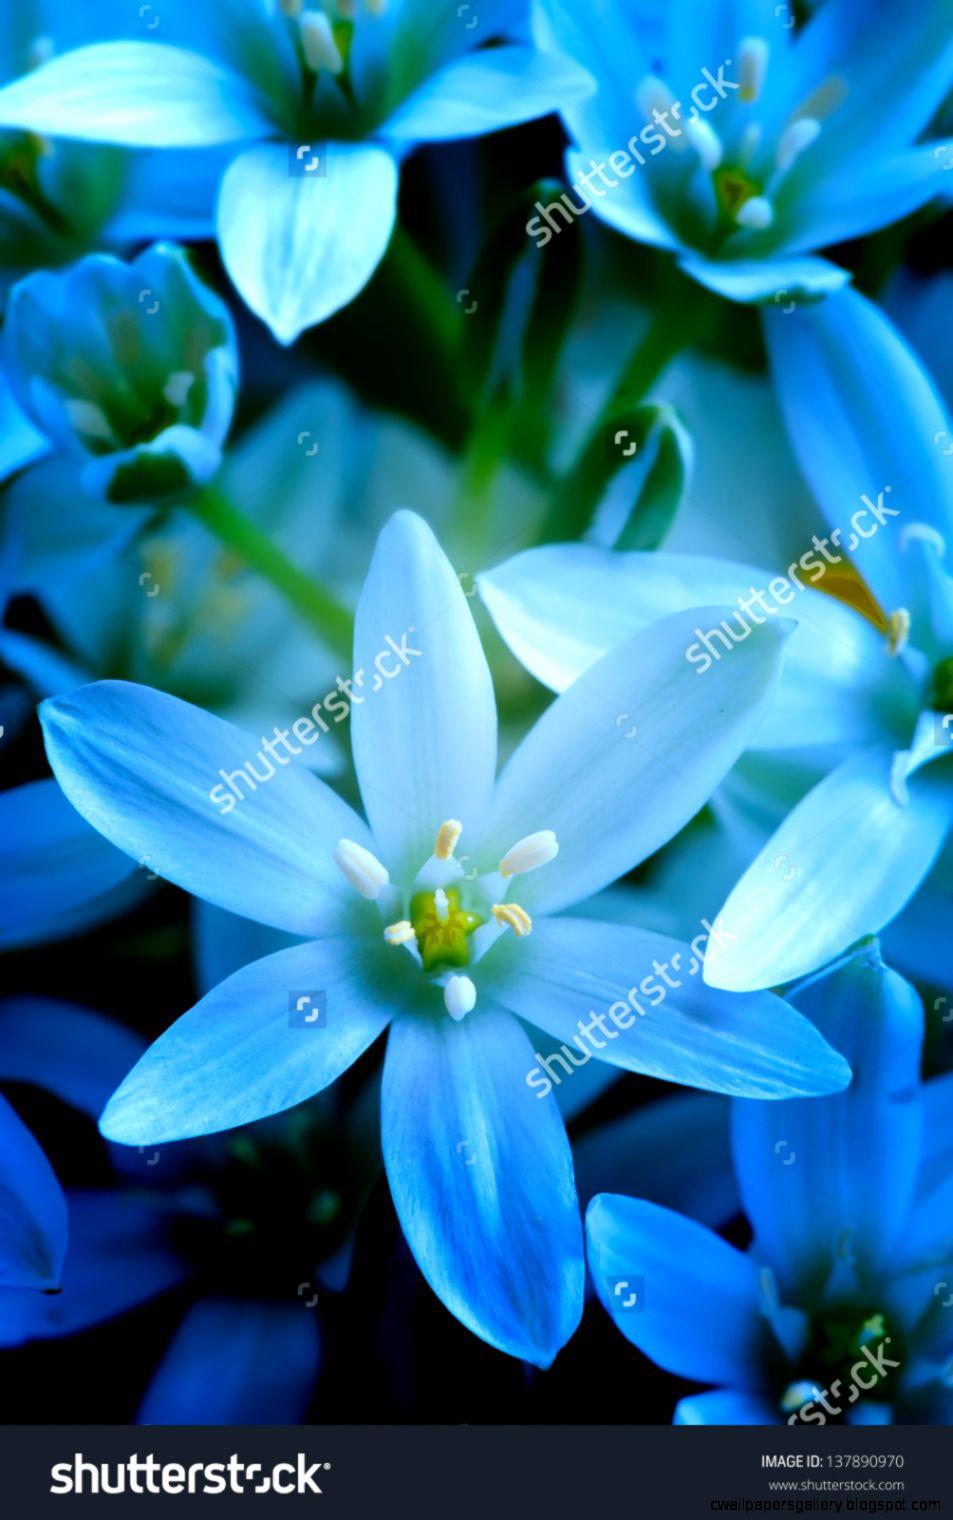 Blue Summer Flowers Close Up Stock Photo 137890970  Shutterstock